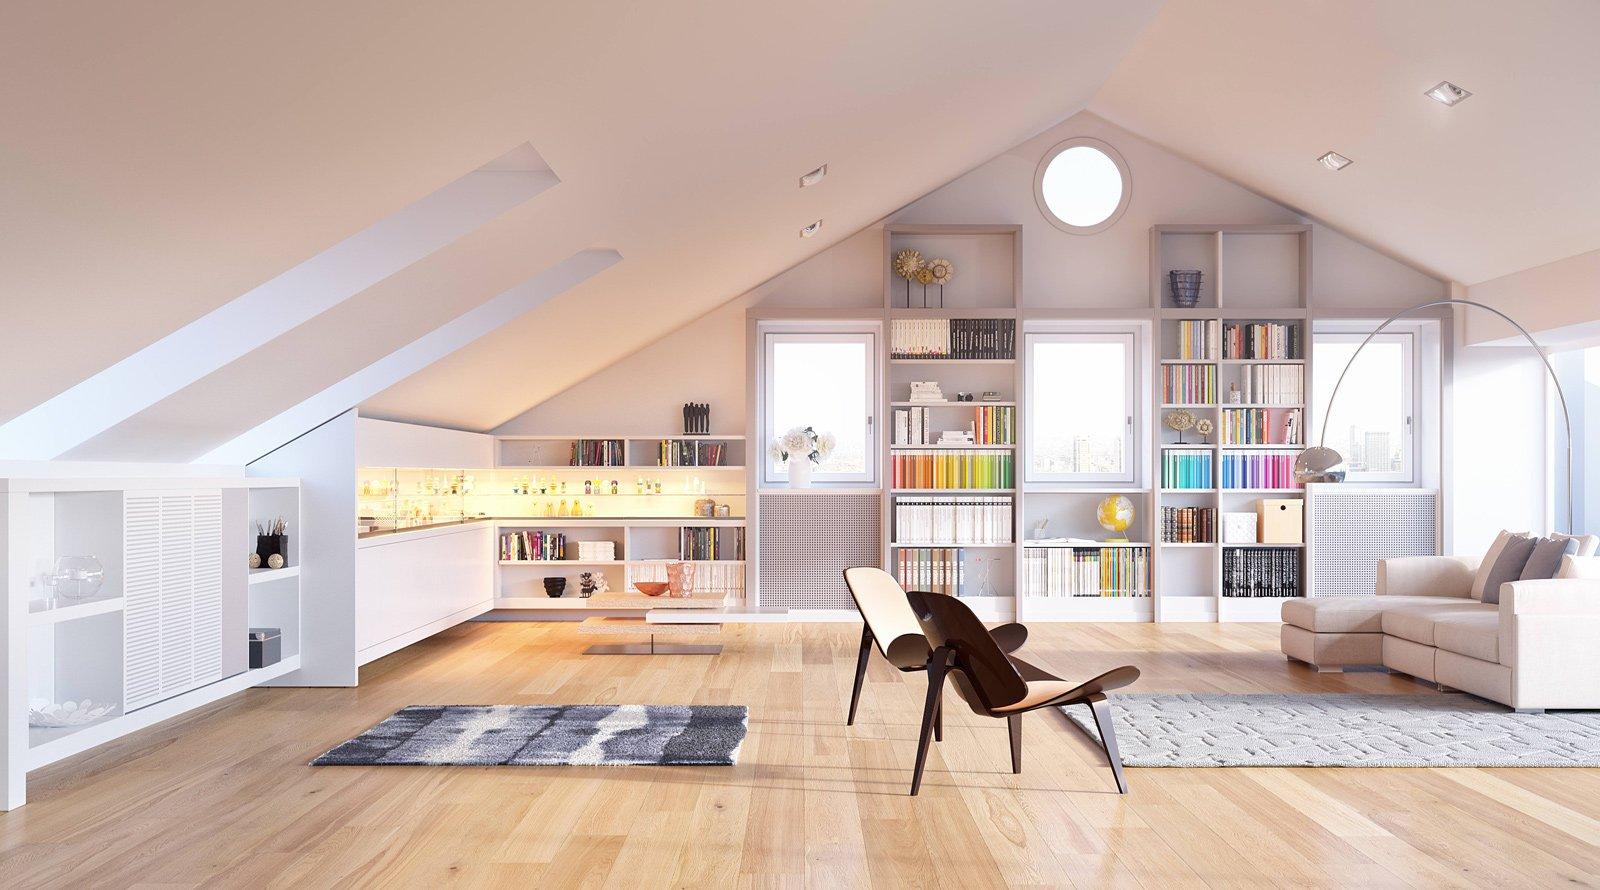 Sottotetto dopo la ristrutturazione l 39 arredo giusto cose di casa for Immagini arredamento